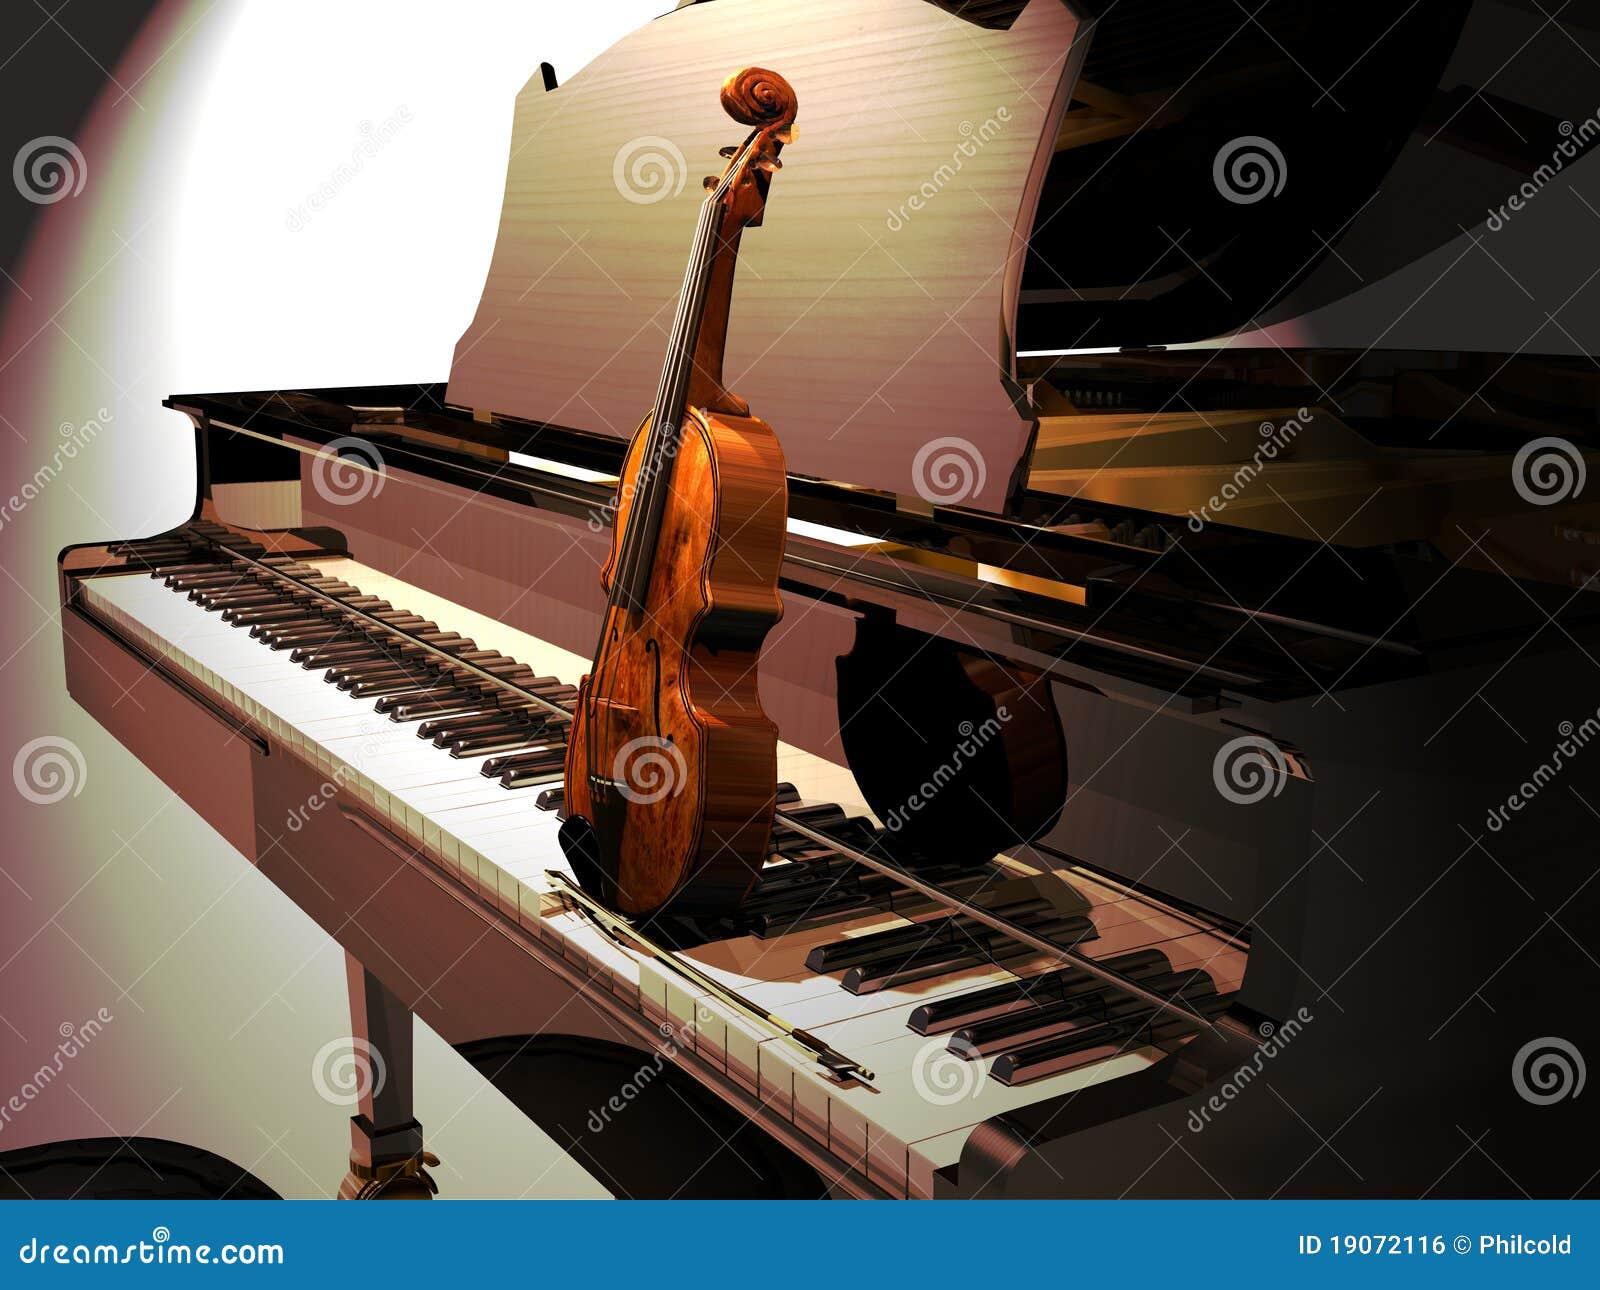 钢琴音乐会小提琴图片